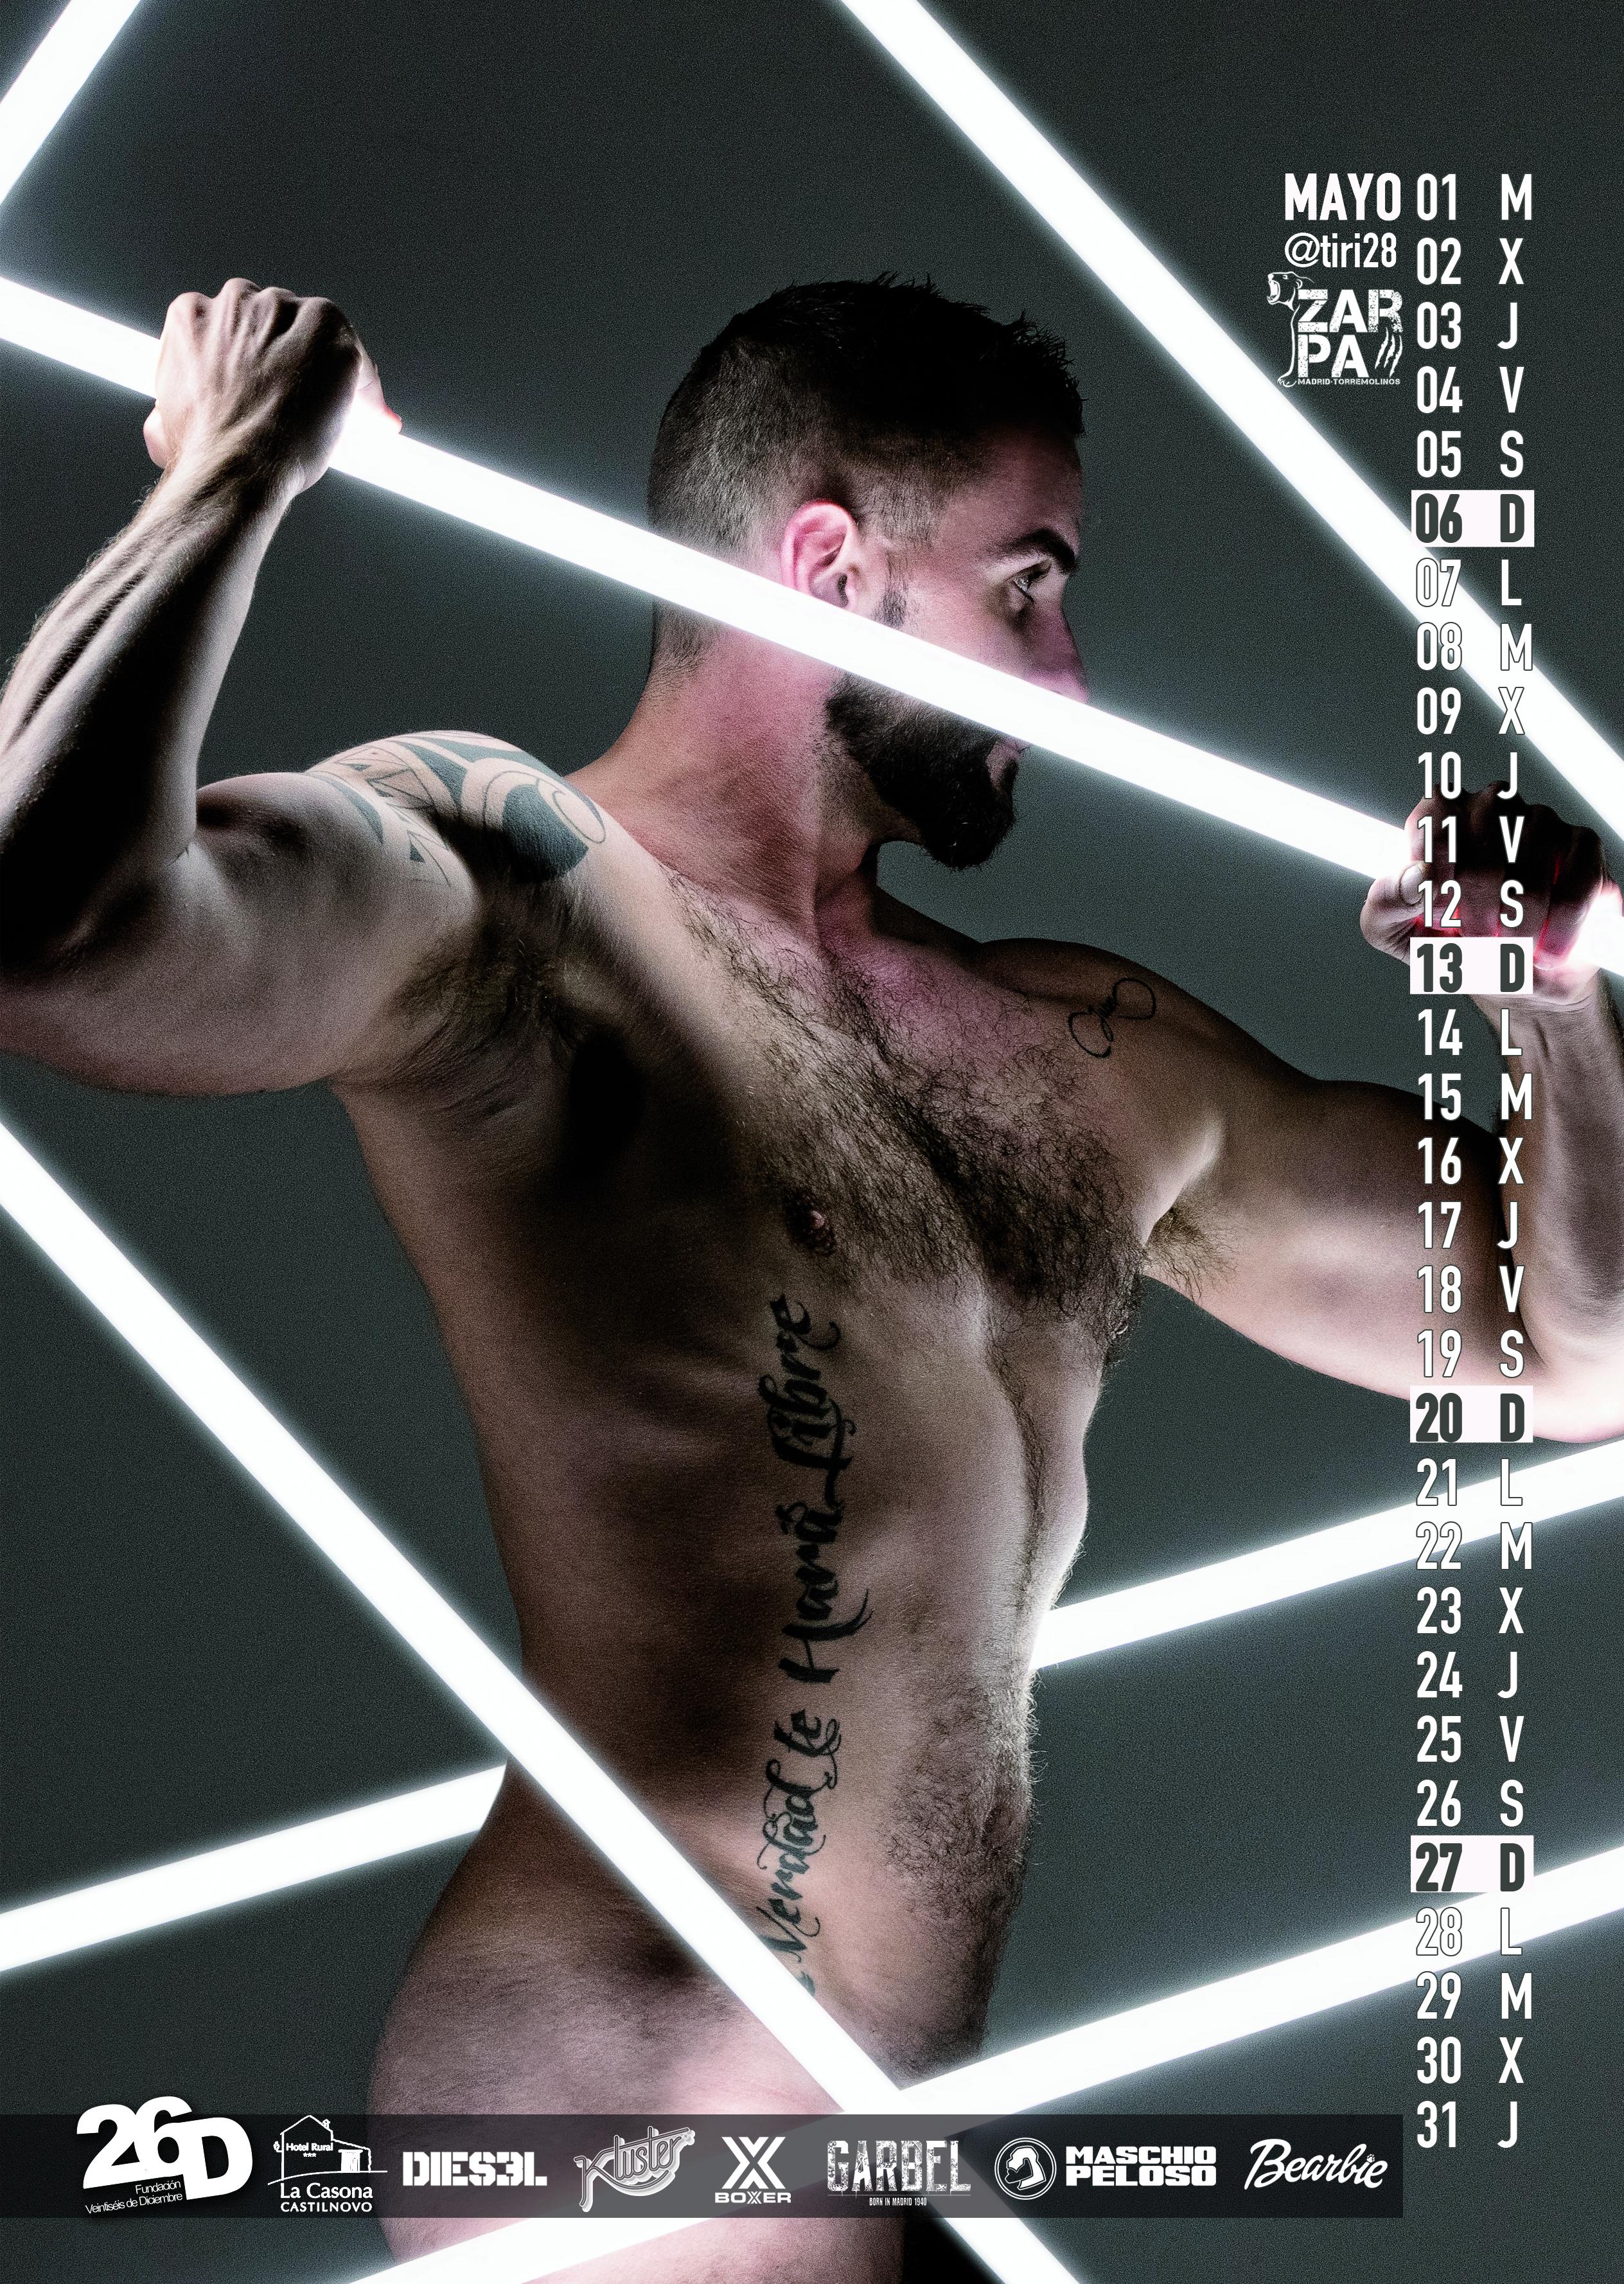 calendario LGTB